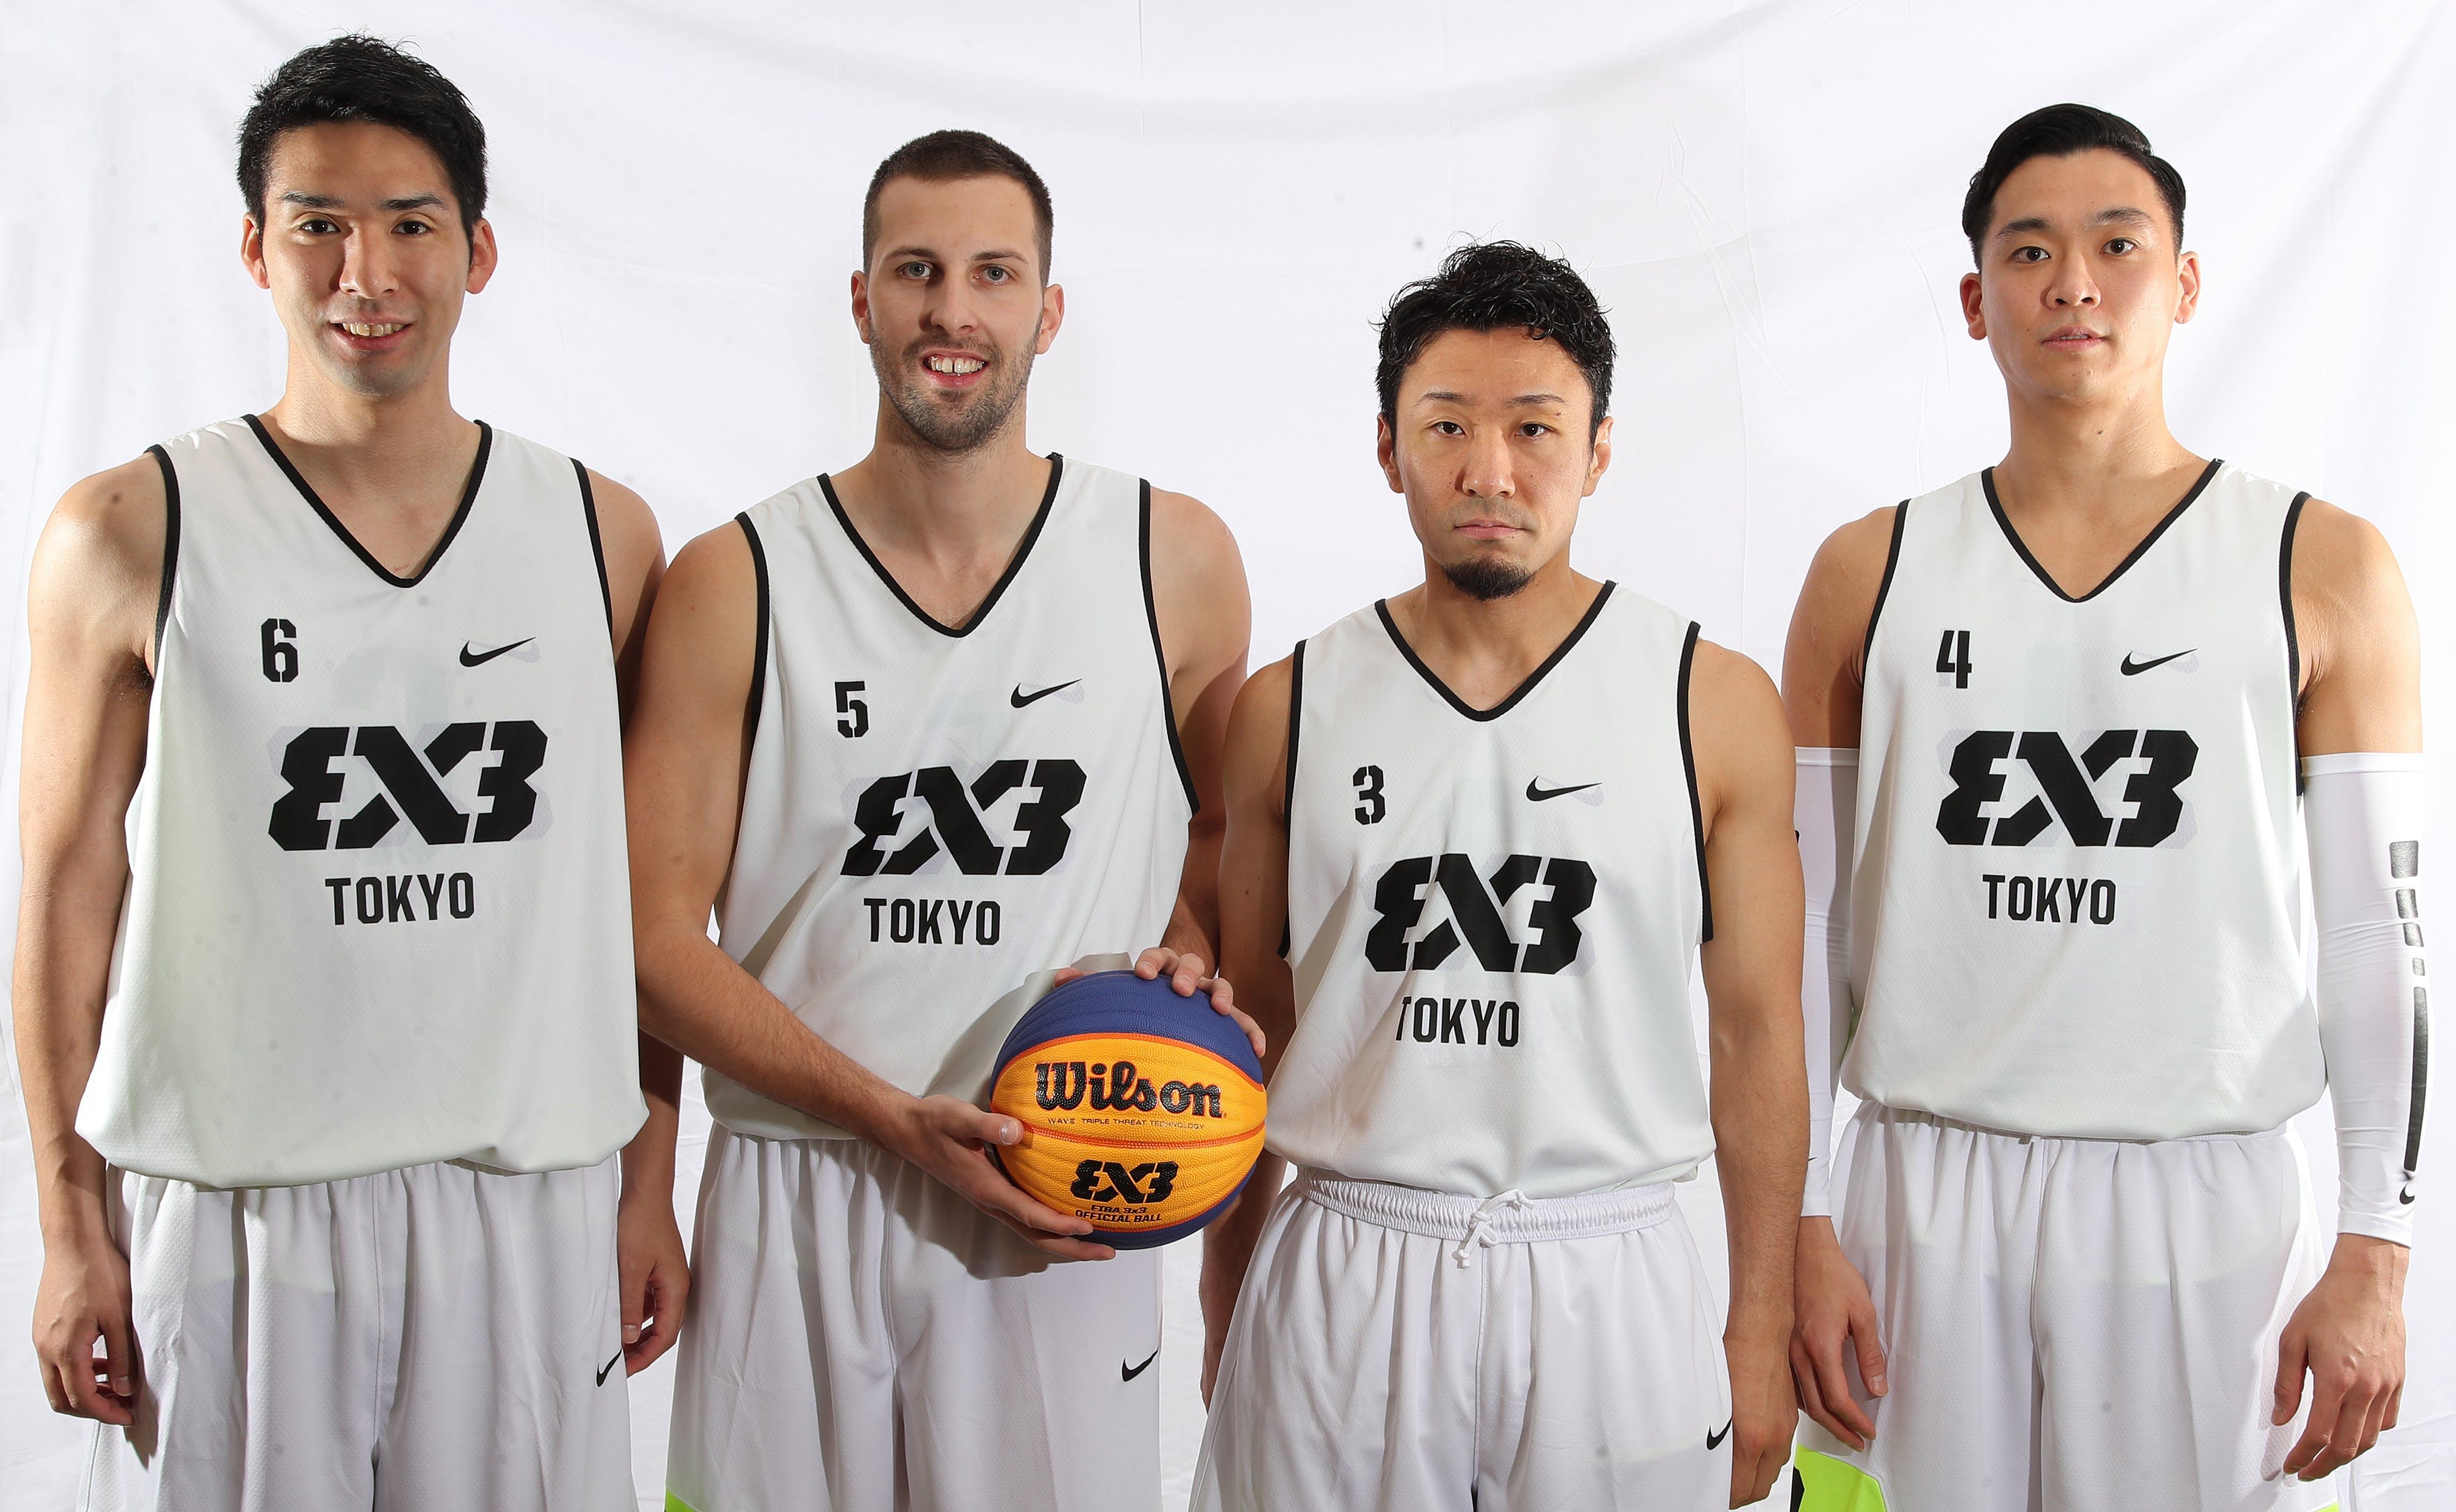 6 Masahiro Komatsu (JPN) - 3 Keita Suzuki (JPN) - 5 Petar Perunovic (JPN) - 4 Tomoya Ochiai (JPN)